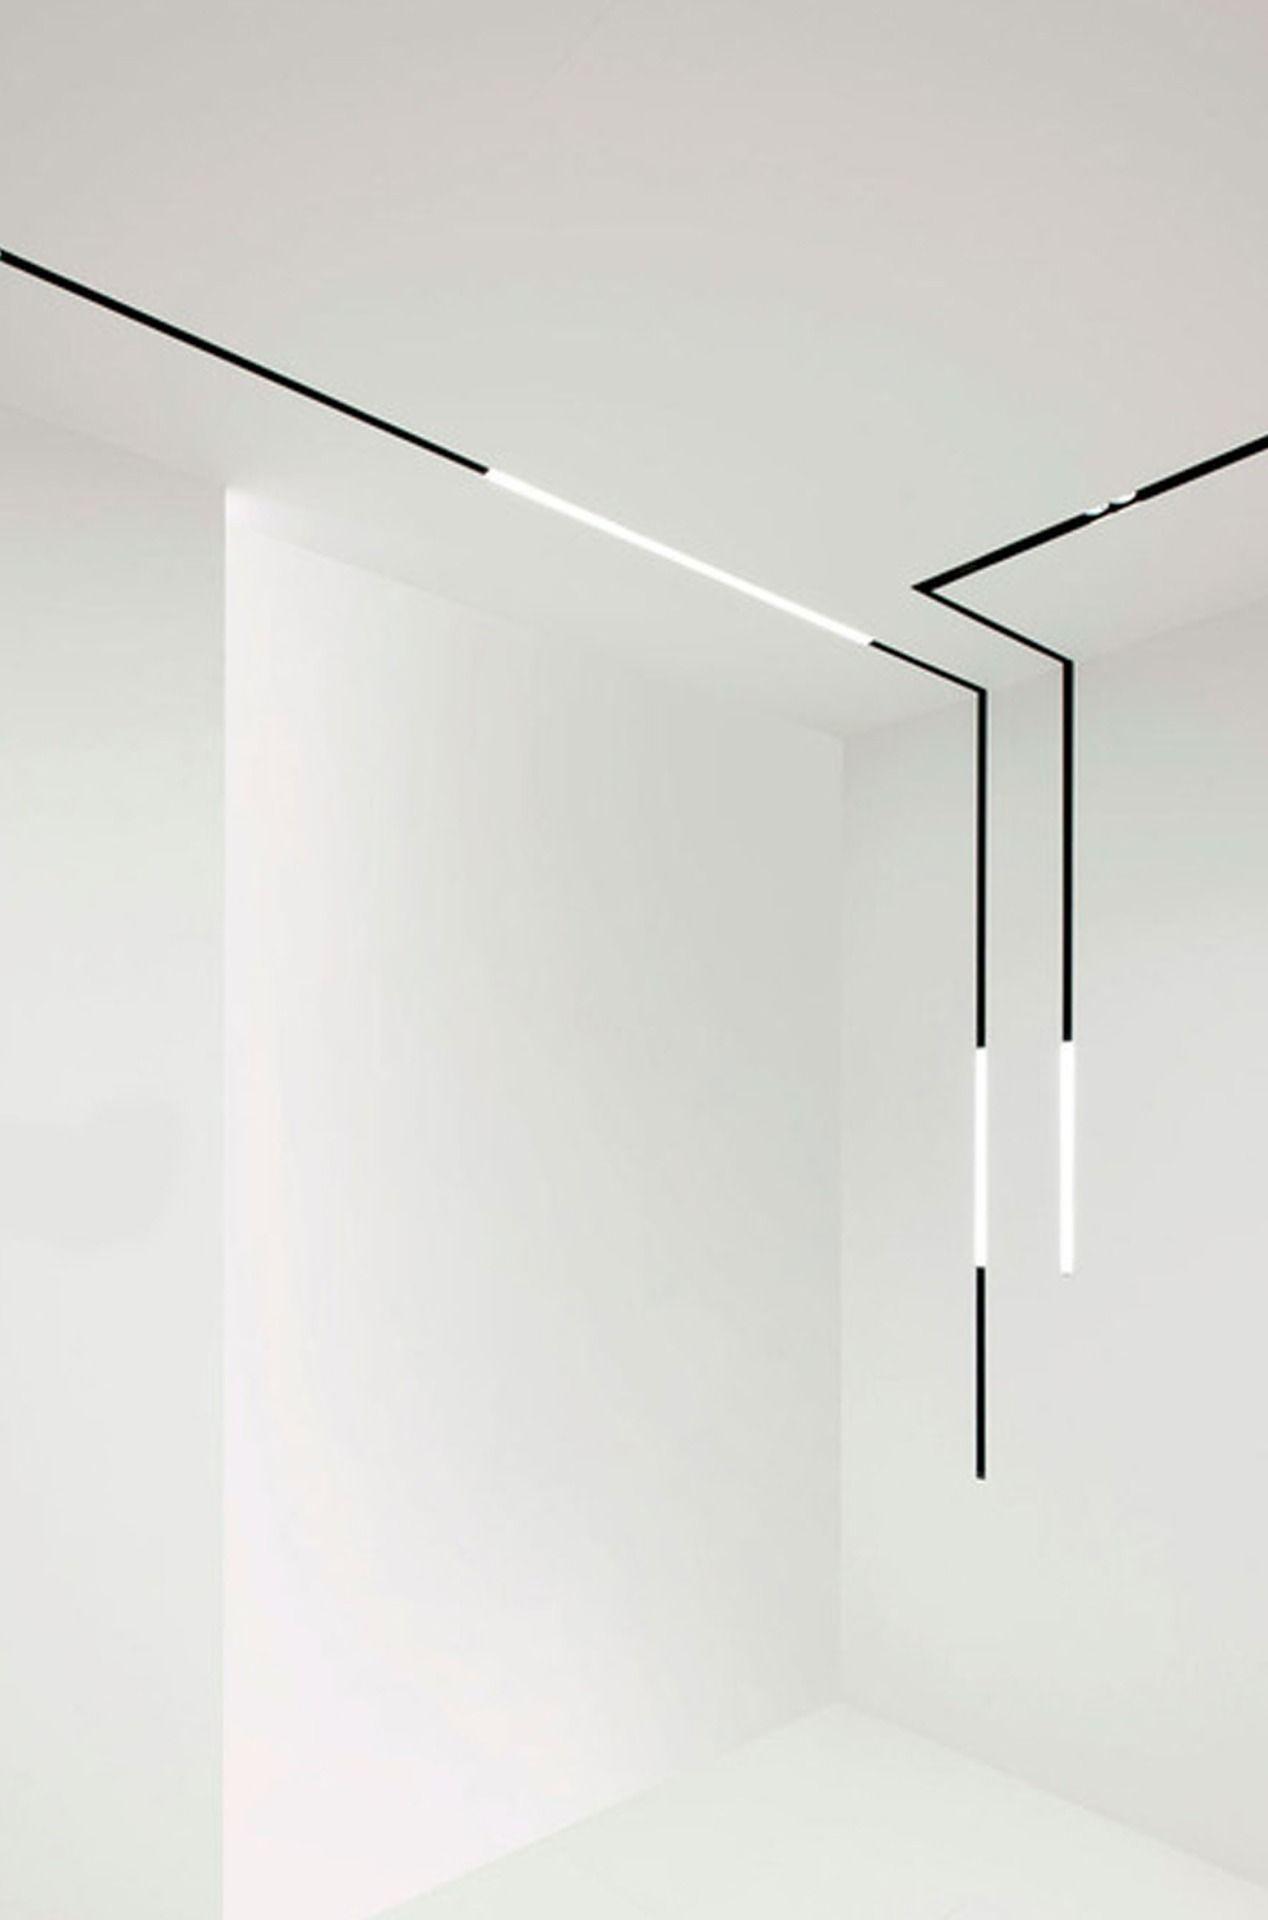 Delta Light Splitline 29 Architectural Track System